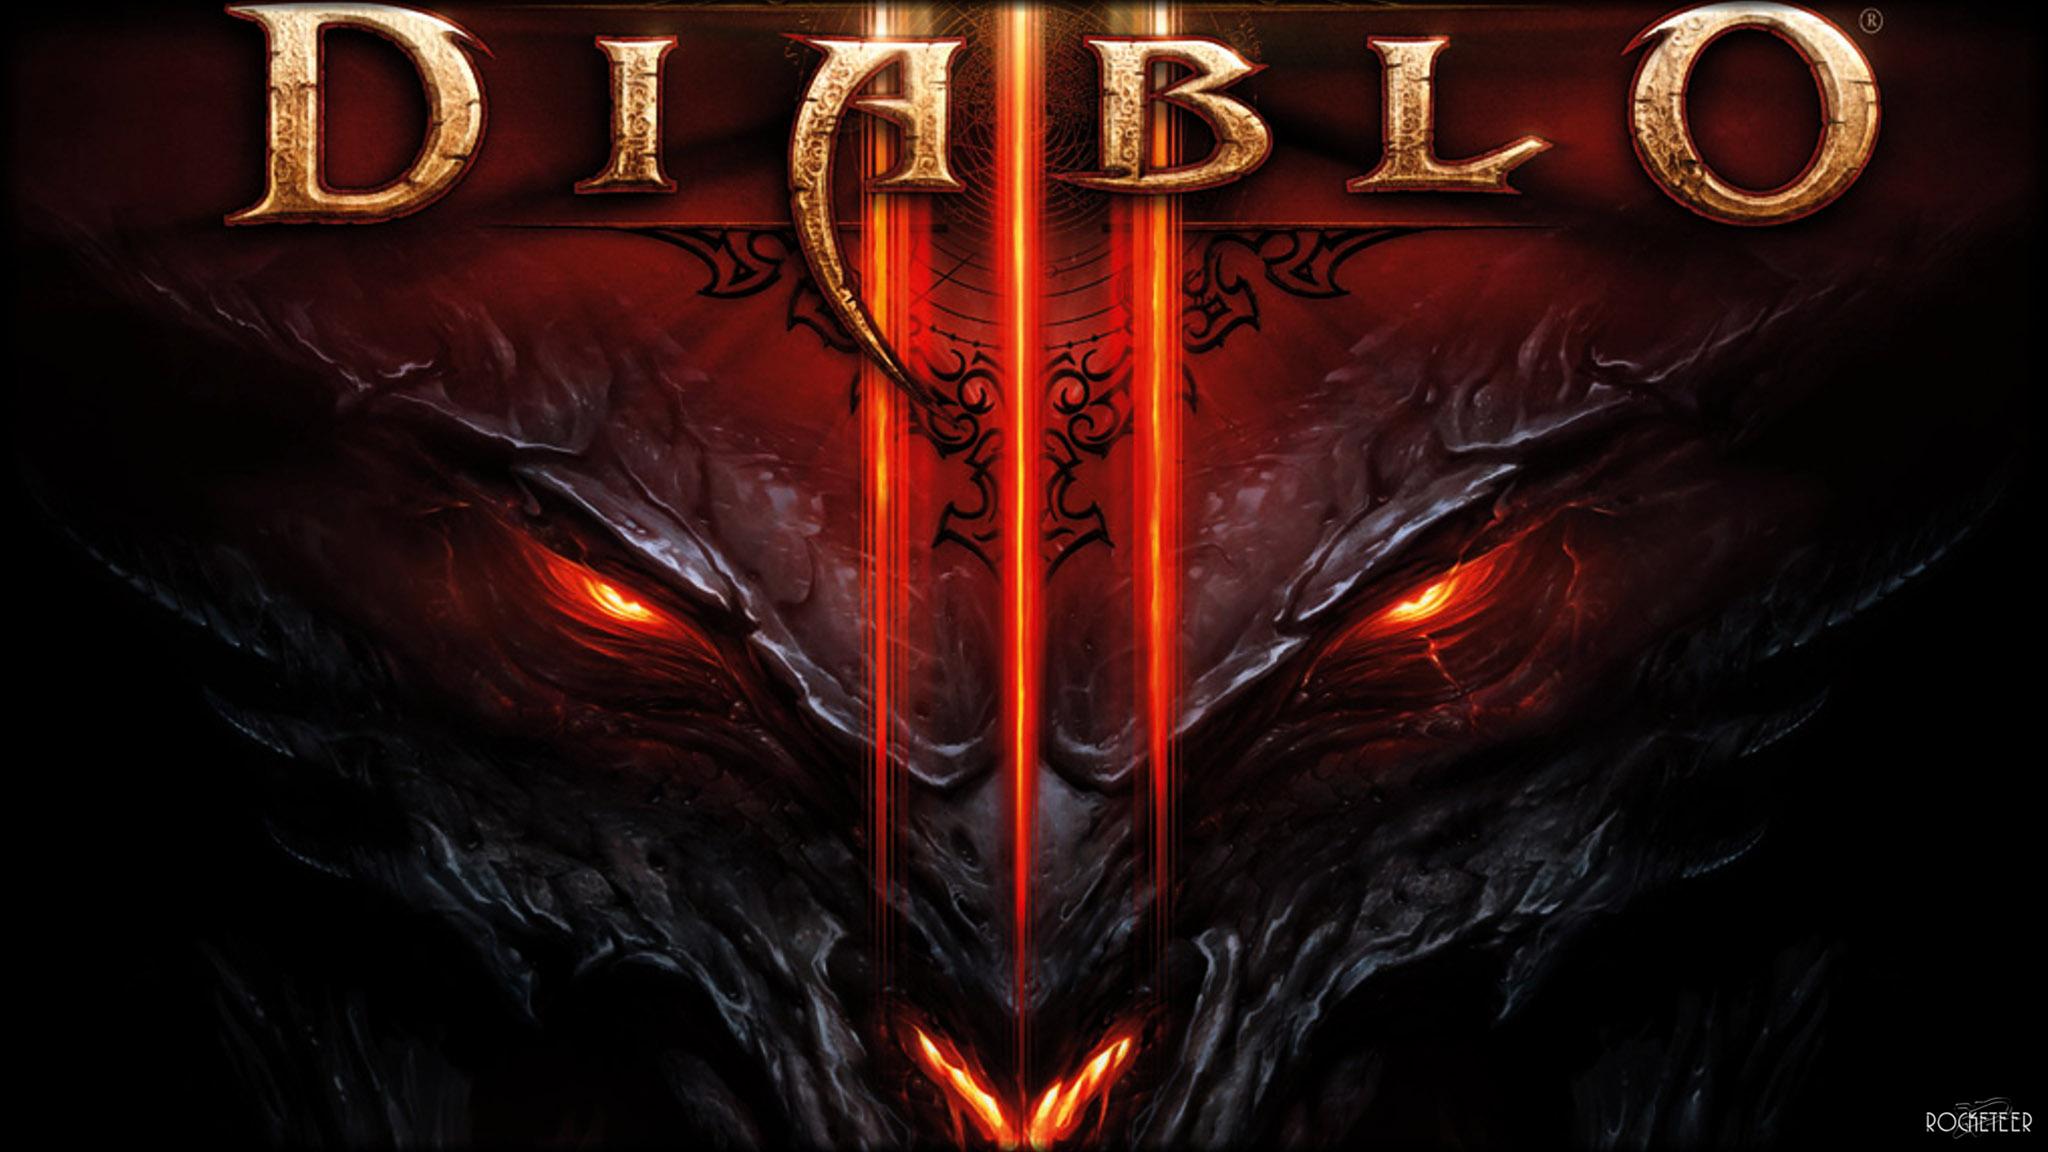 Diablo-3-Cover.jpg